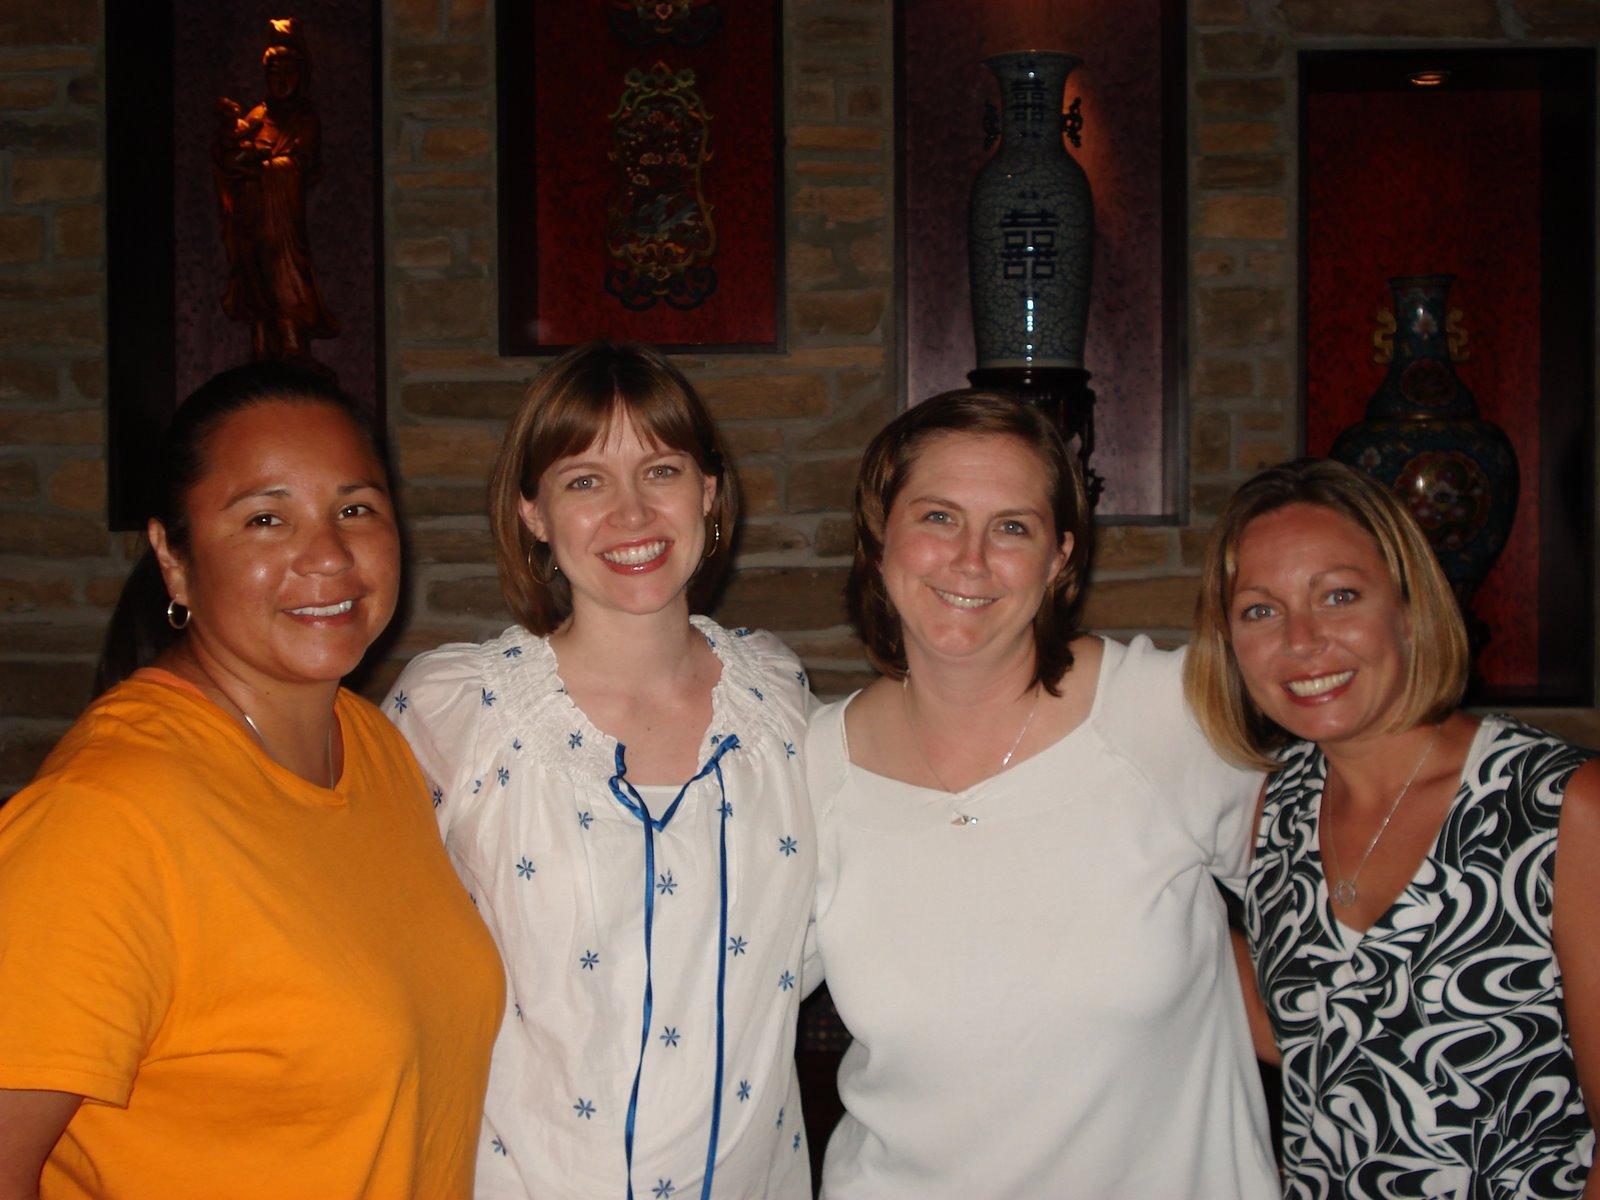 [Ange,+Brandi+Katie+and+Amanda+at+PF+Chang]